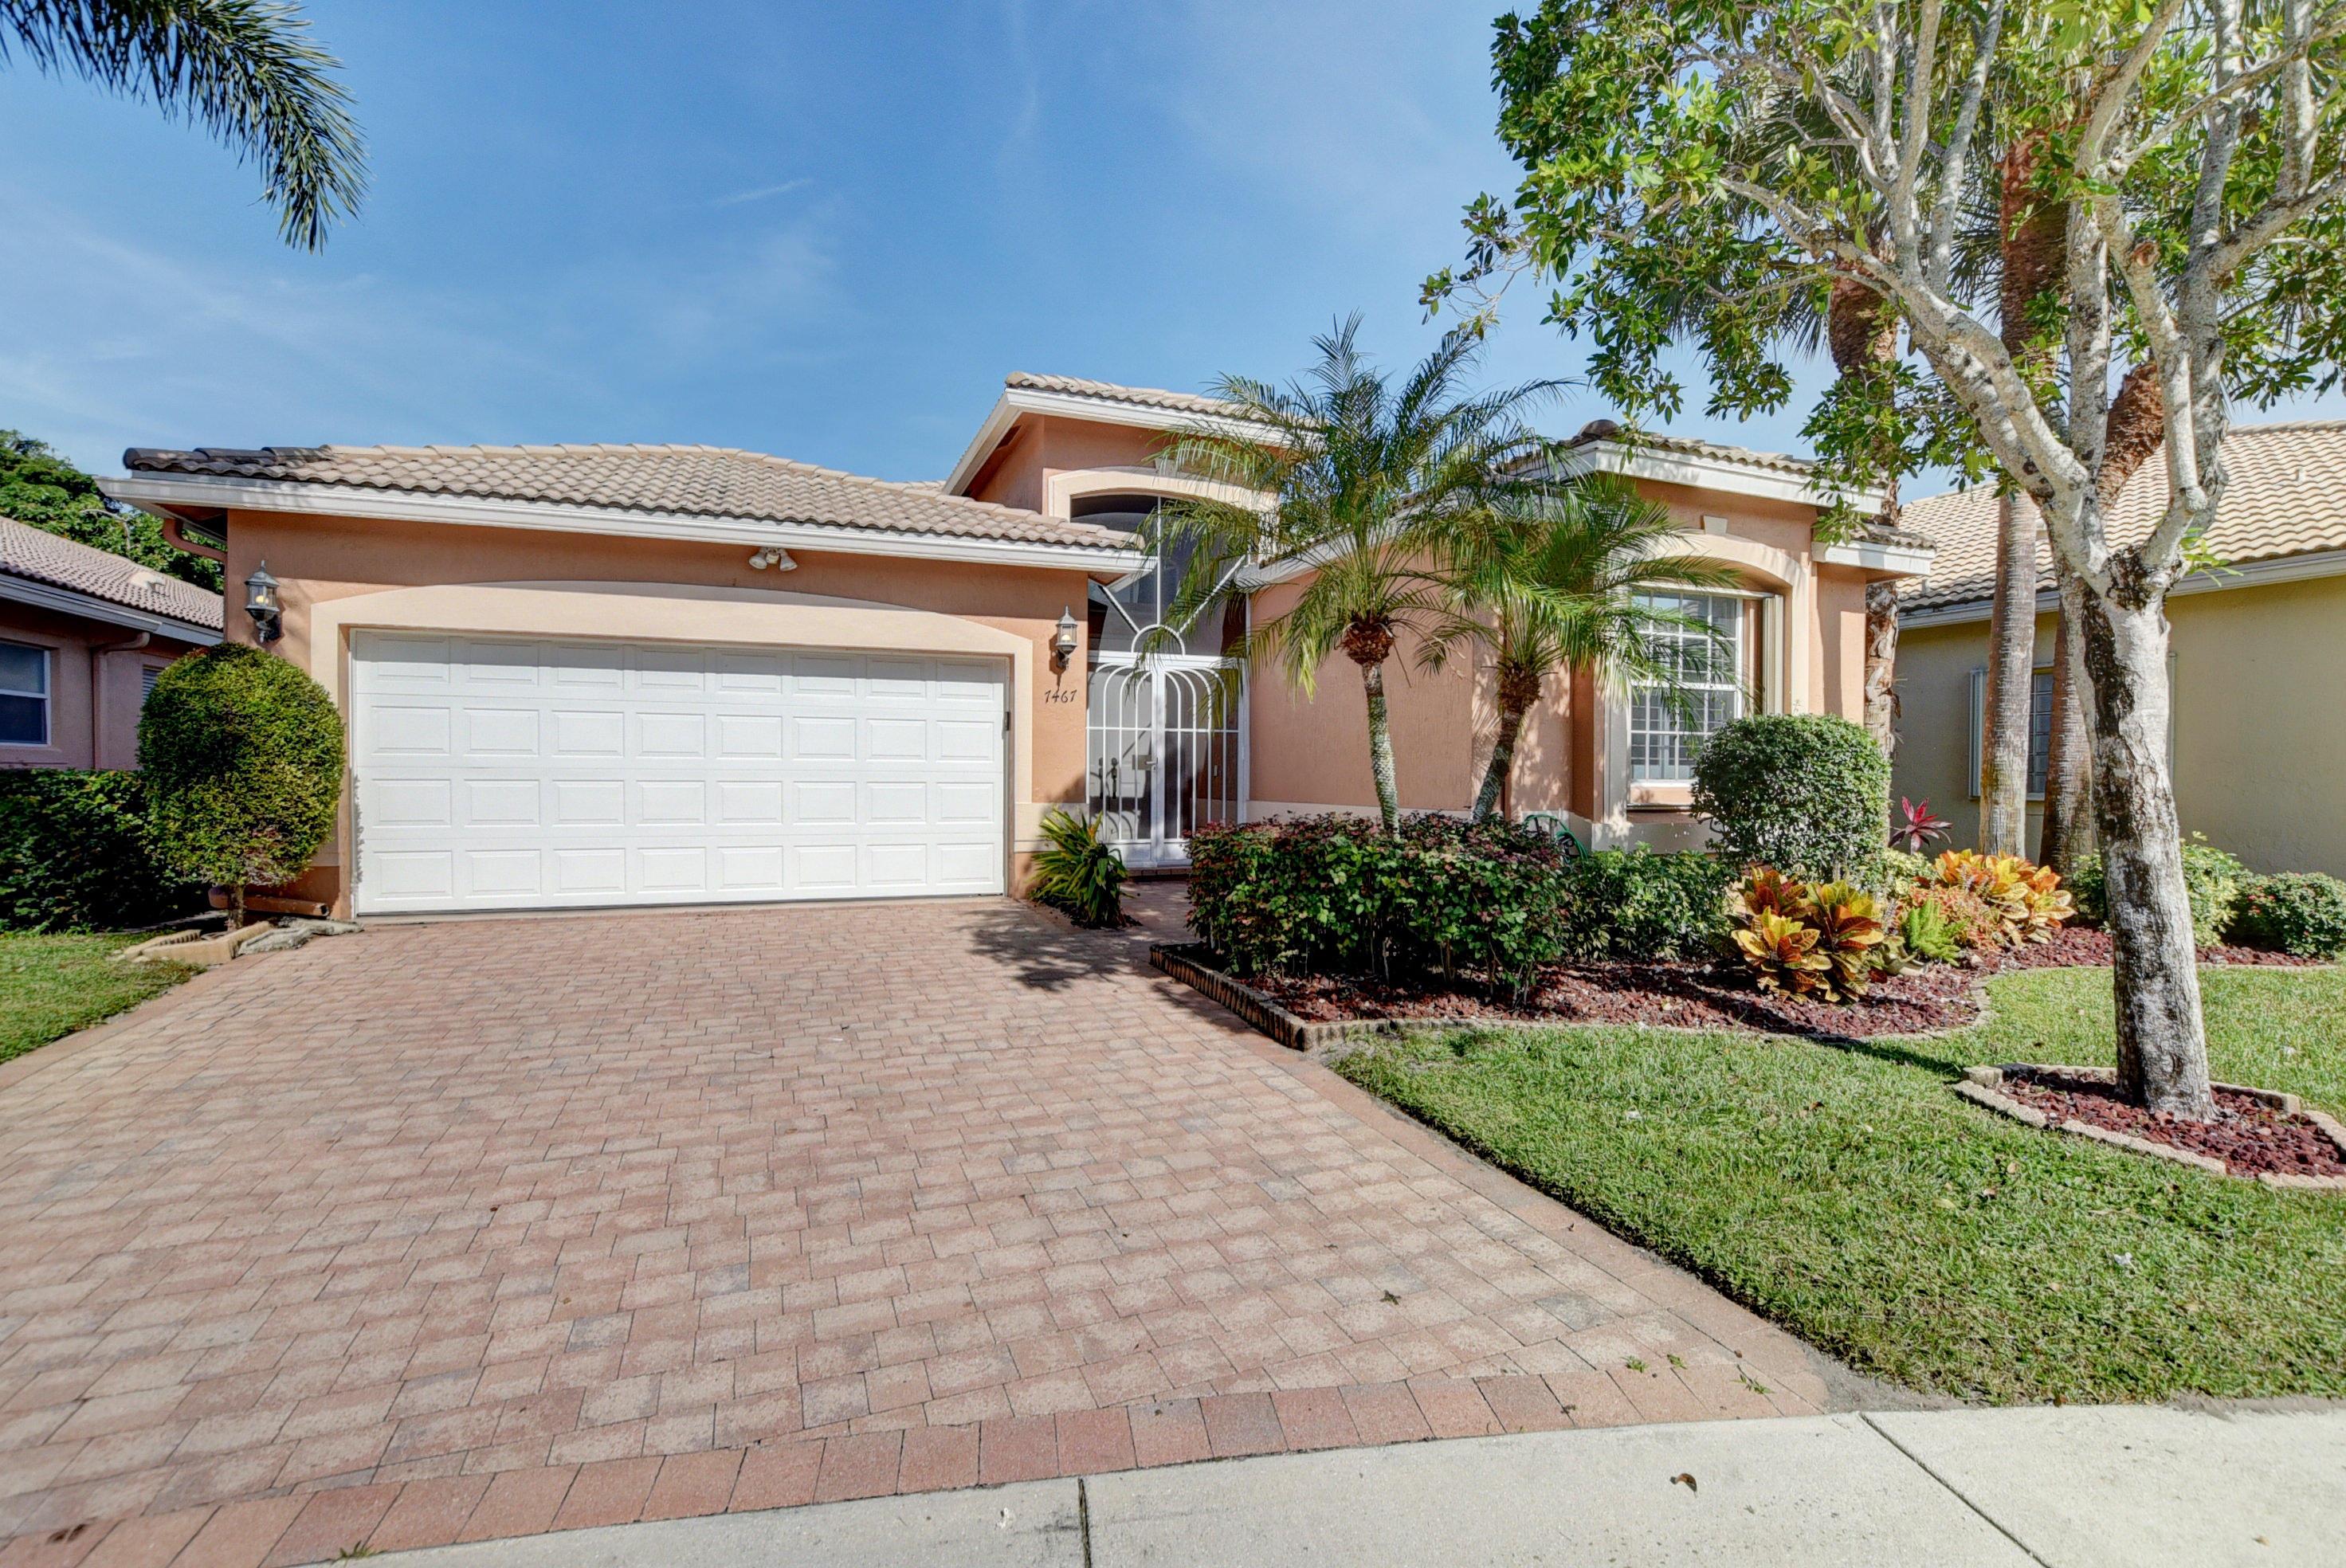 7467 Viale Caterina  Delray Beach FL 33446